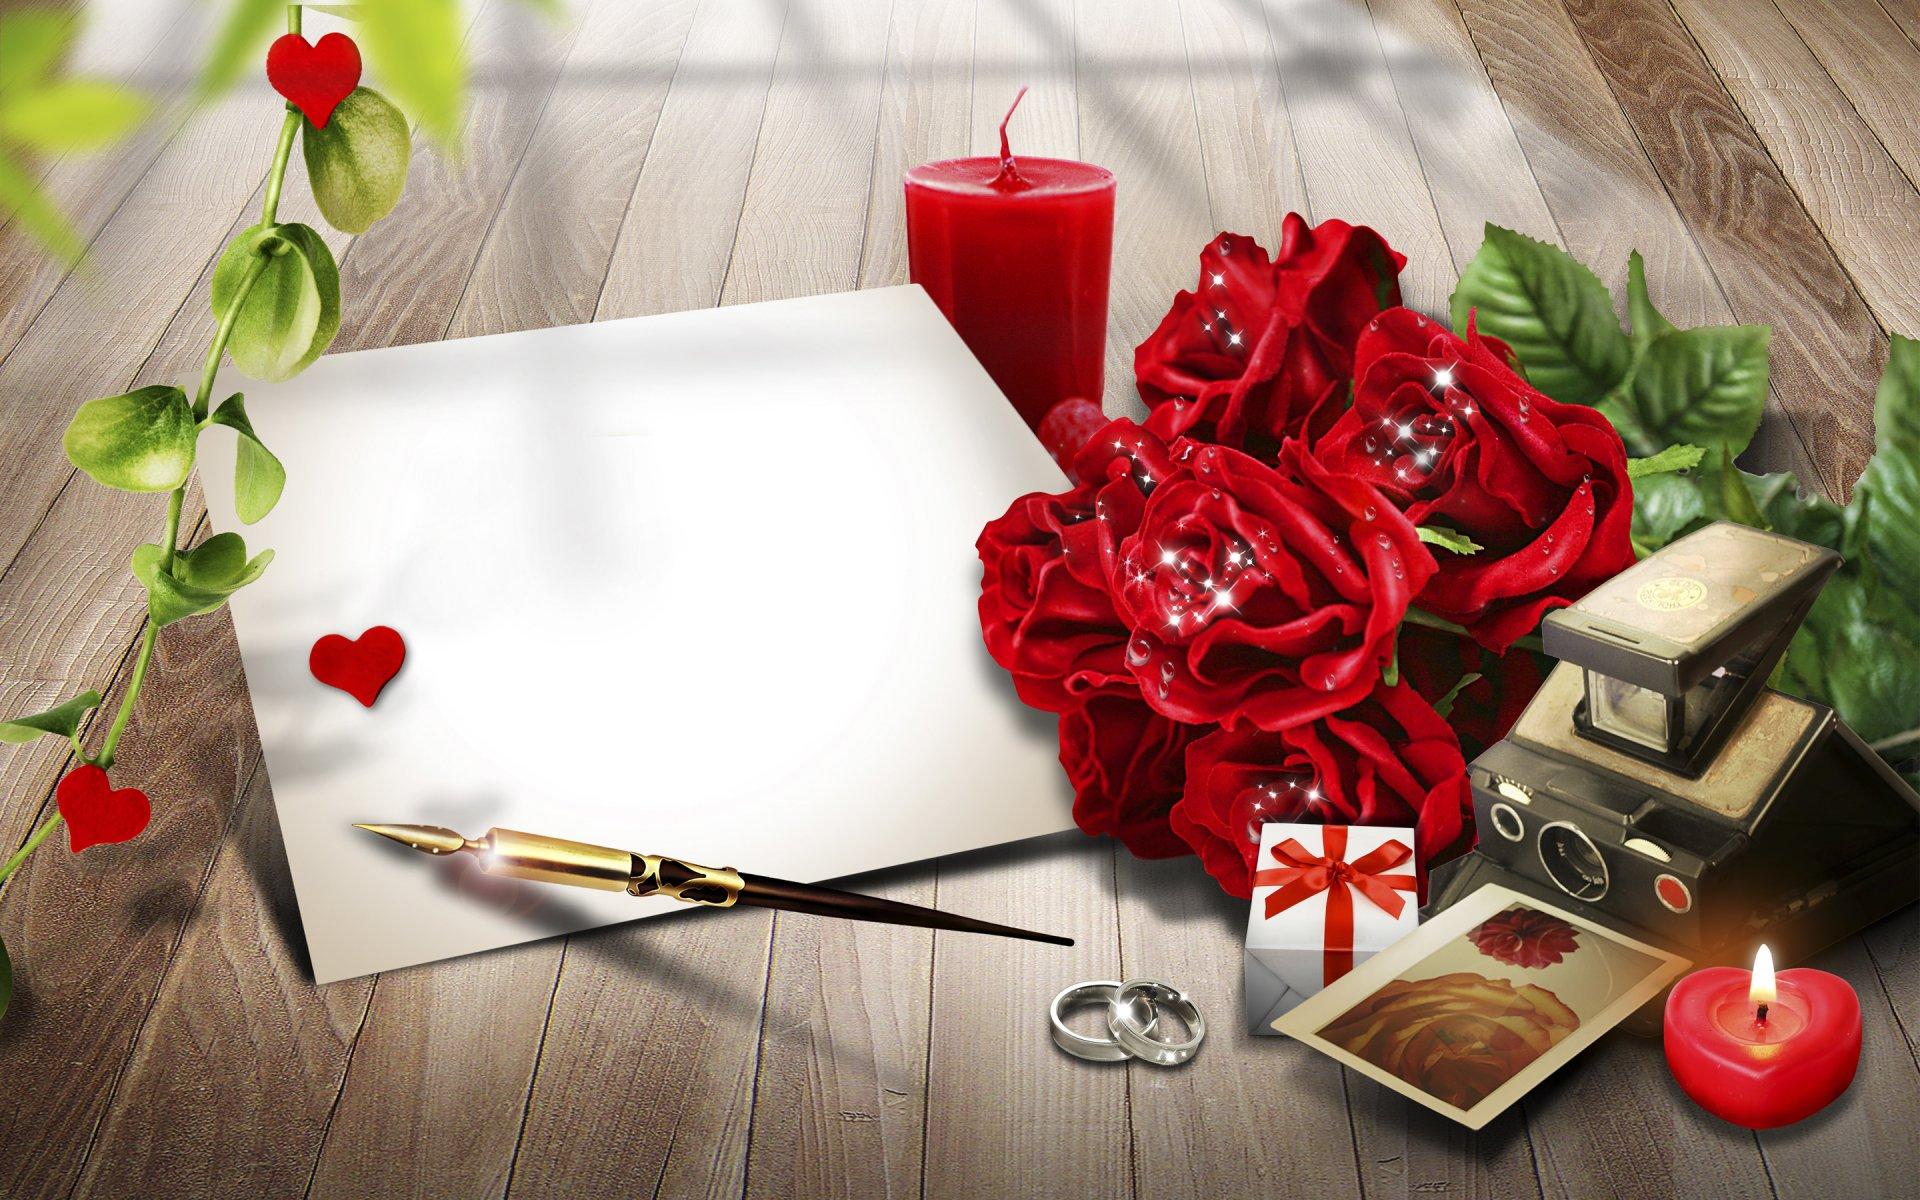 Роза с днем рождения открытки с днем рождения для мужчины, открытки для татьяны